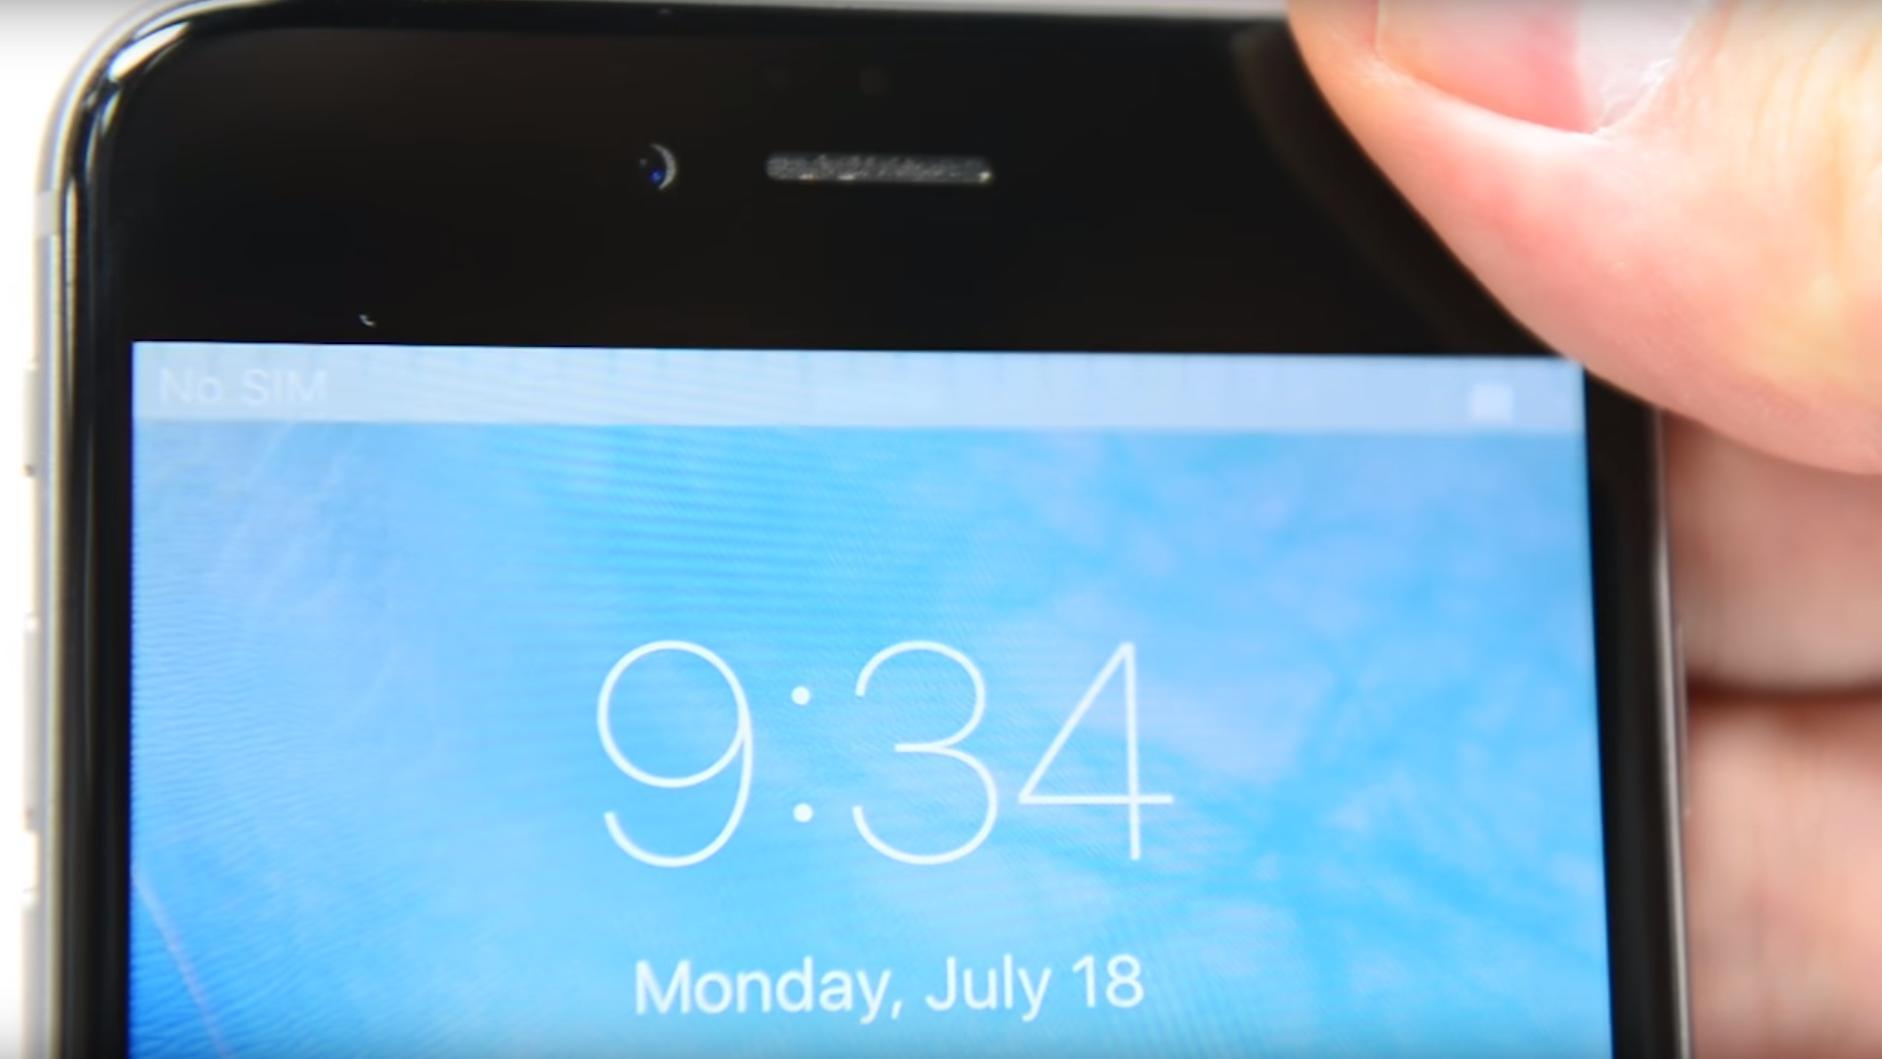 iPhone 6-eiere opplever at skjermen slutter å fungere – Apple skylder på eierne